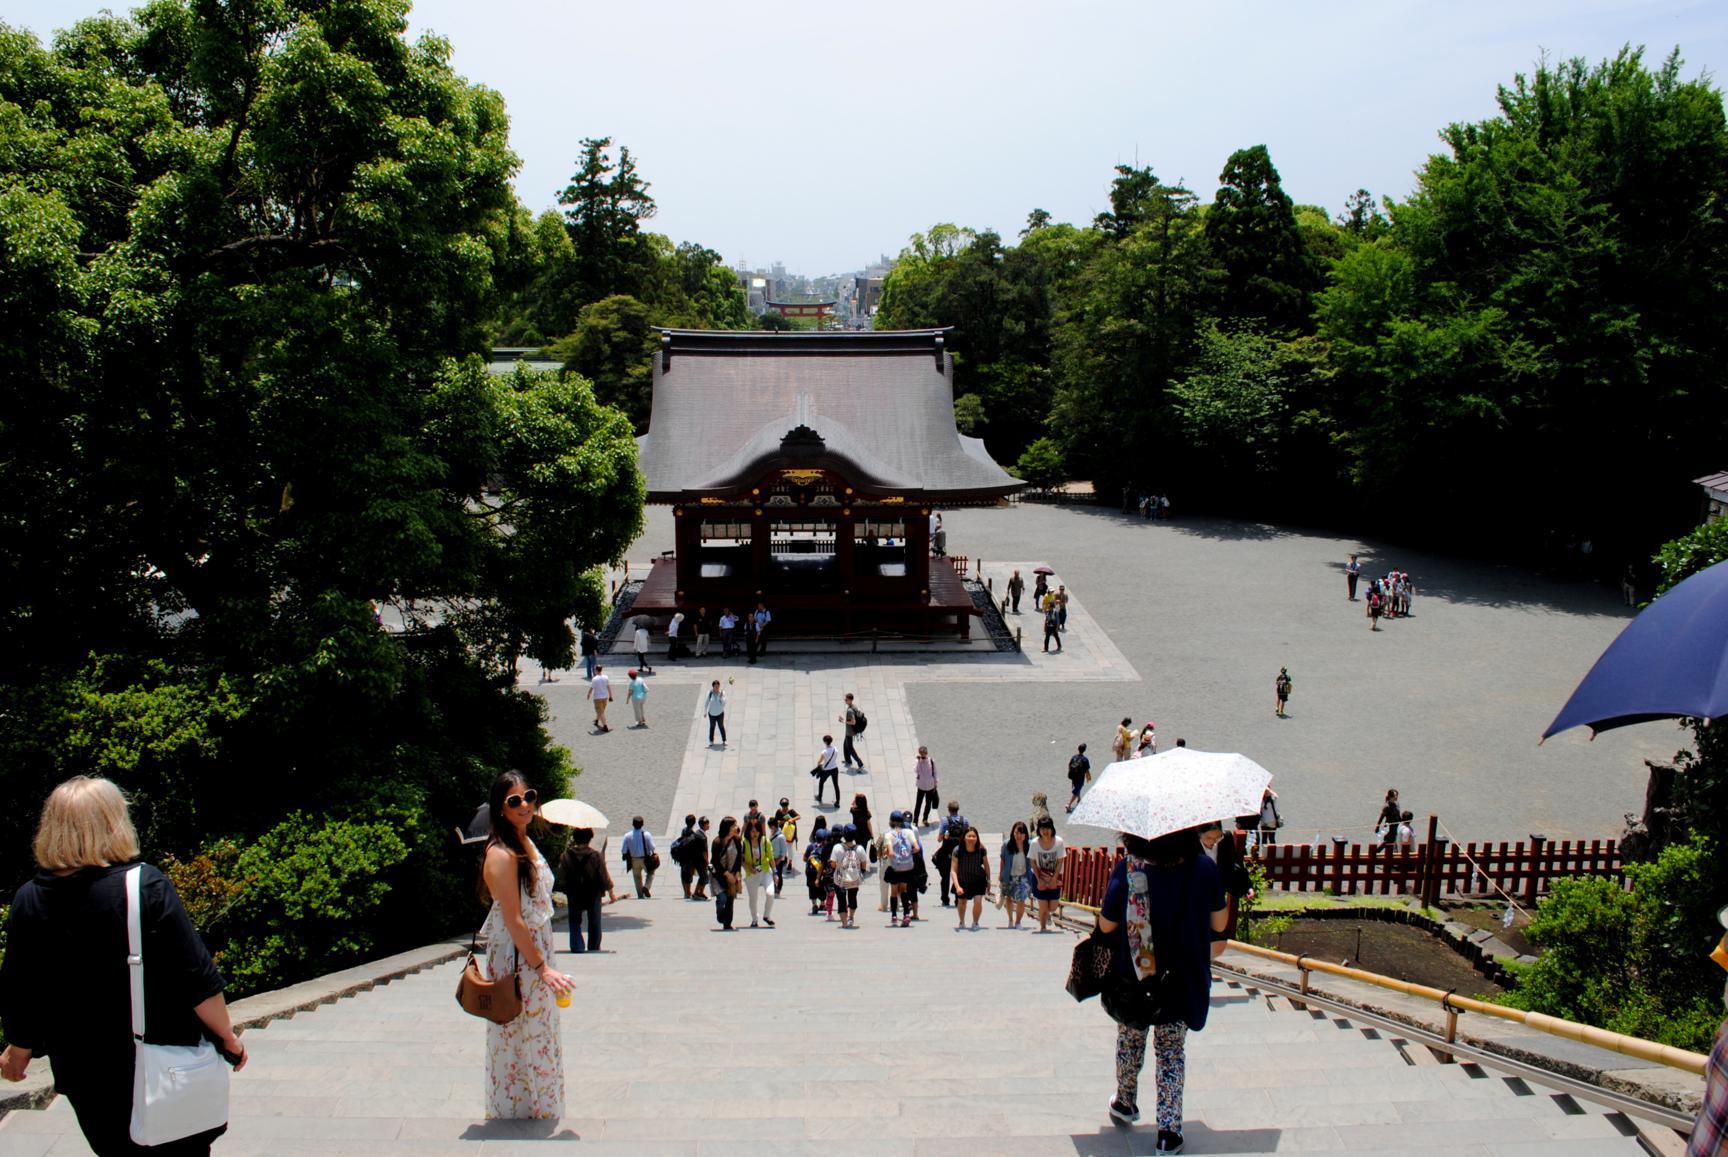 tsurugaoka_hachimangu_4-kamakua